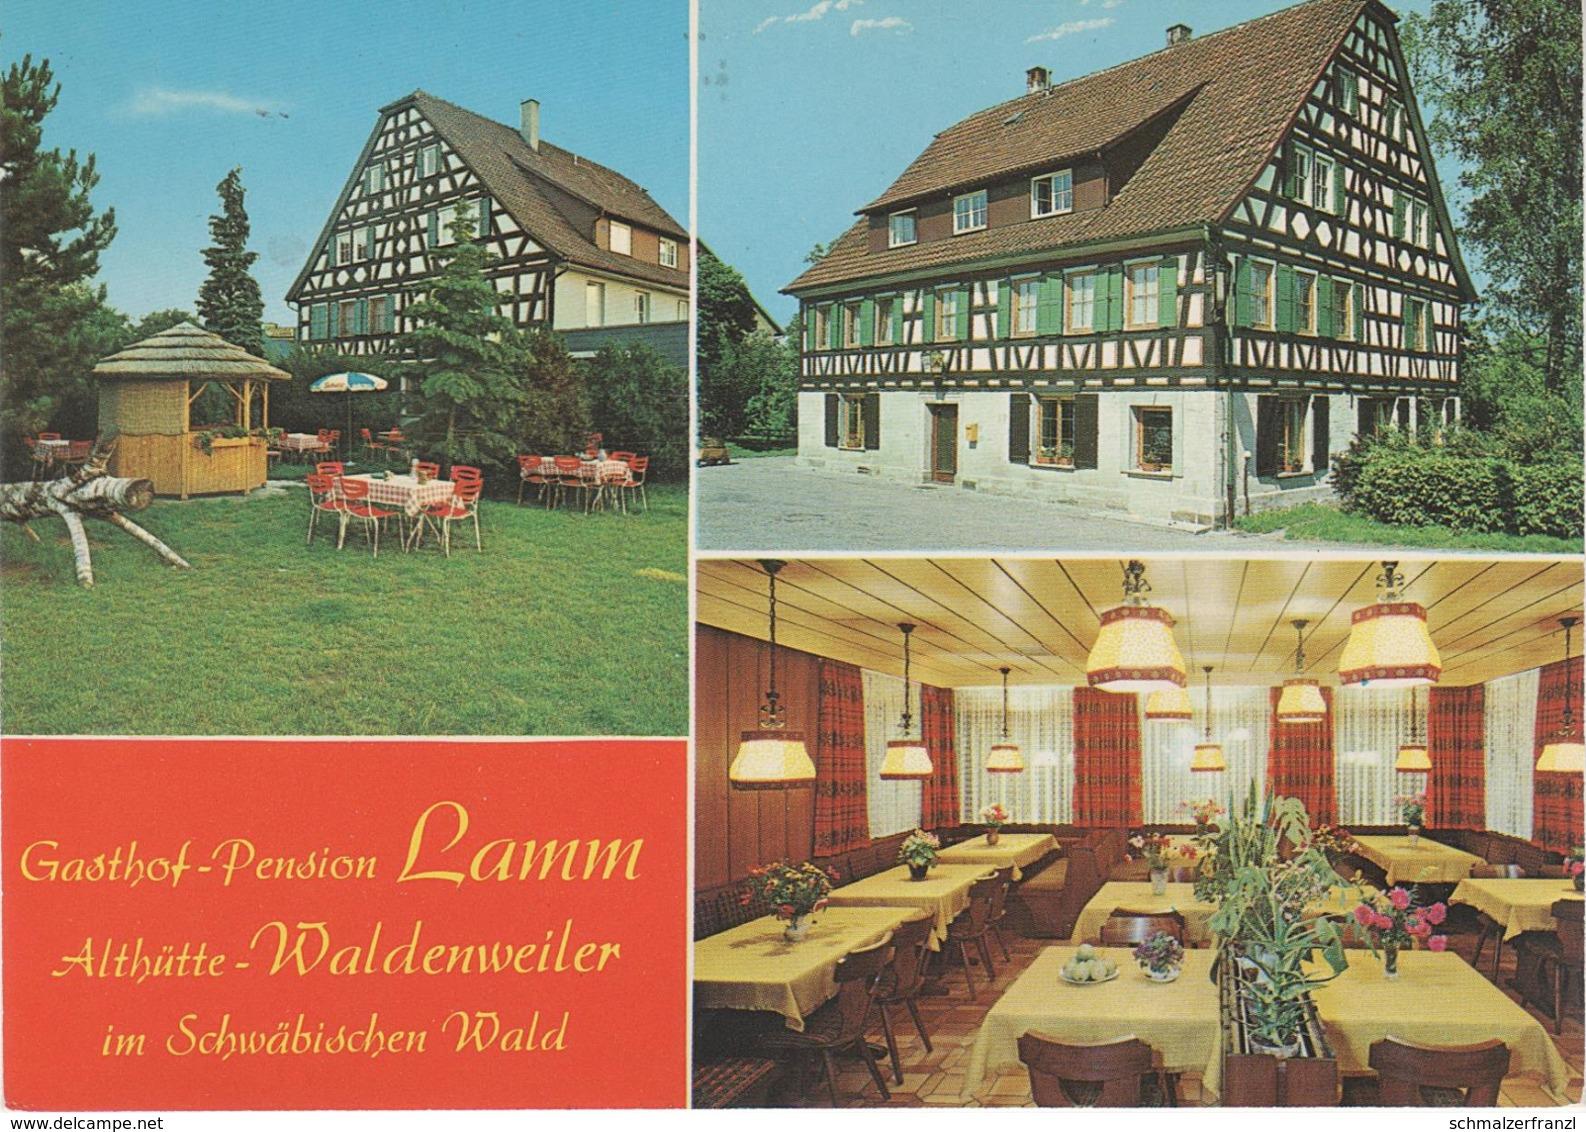 AK Waldenweiler Gasthof Pension Zum Lamm A Althütte Sechselberg Däfern Hohnweiler Lippoldsweiler Ebersberg Murrhardt - Backnang